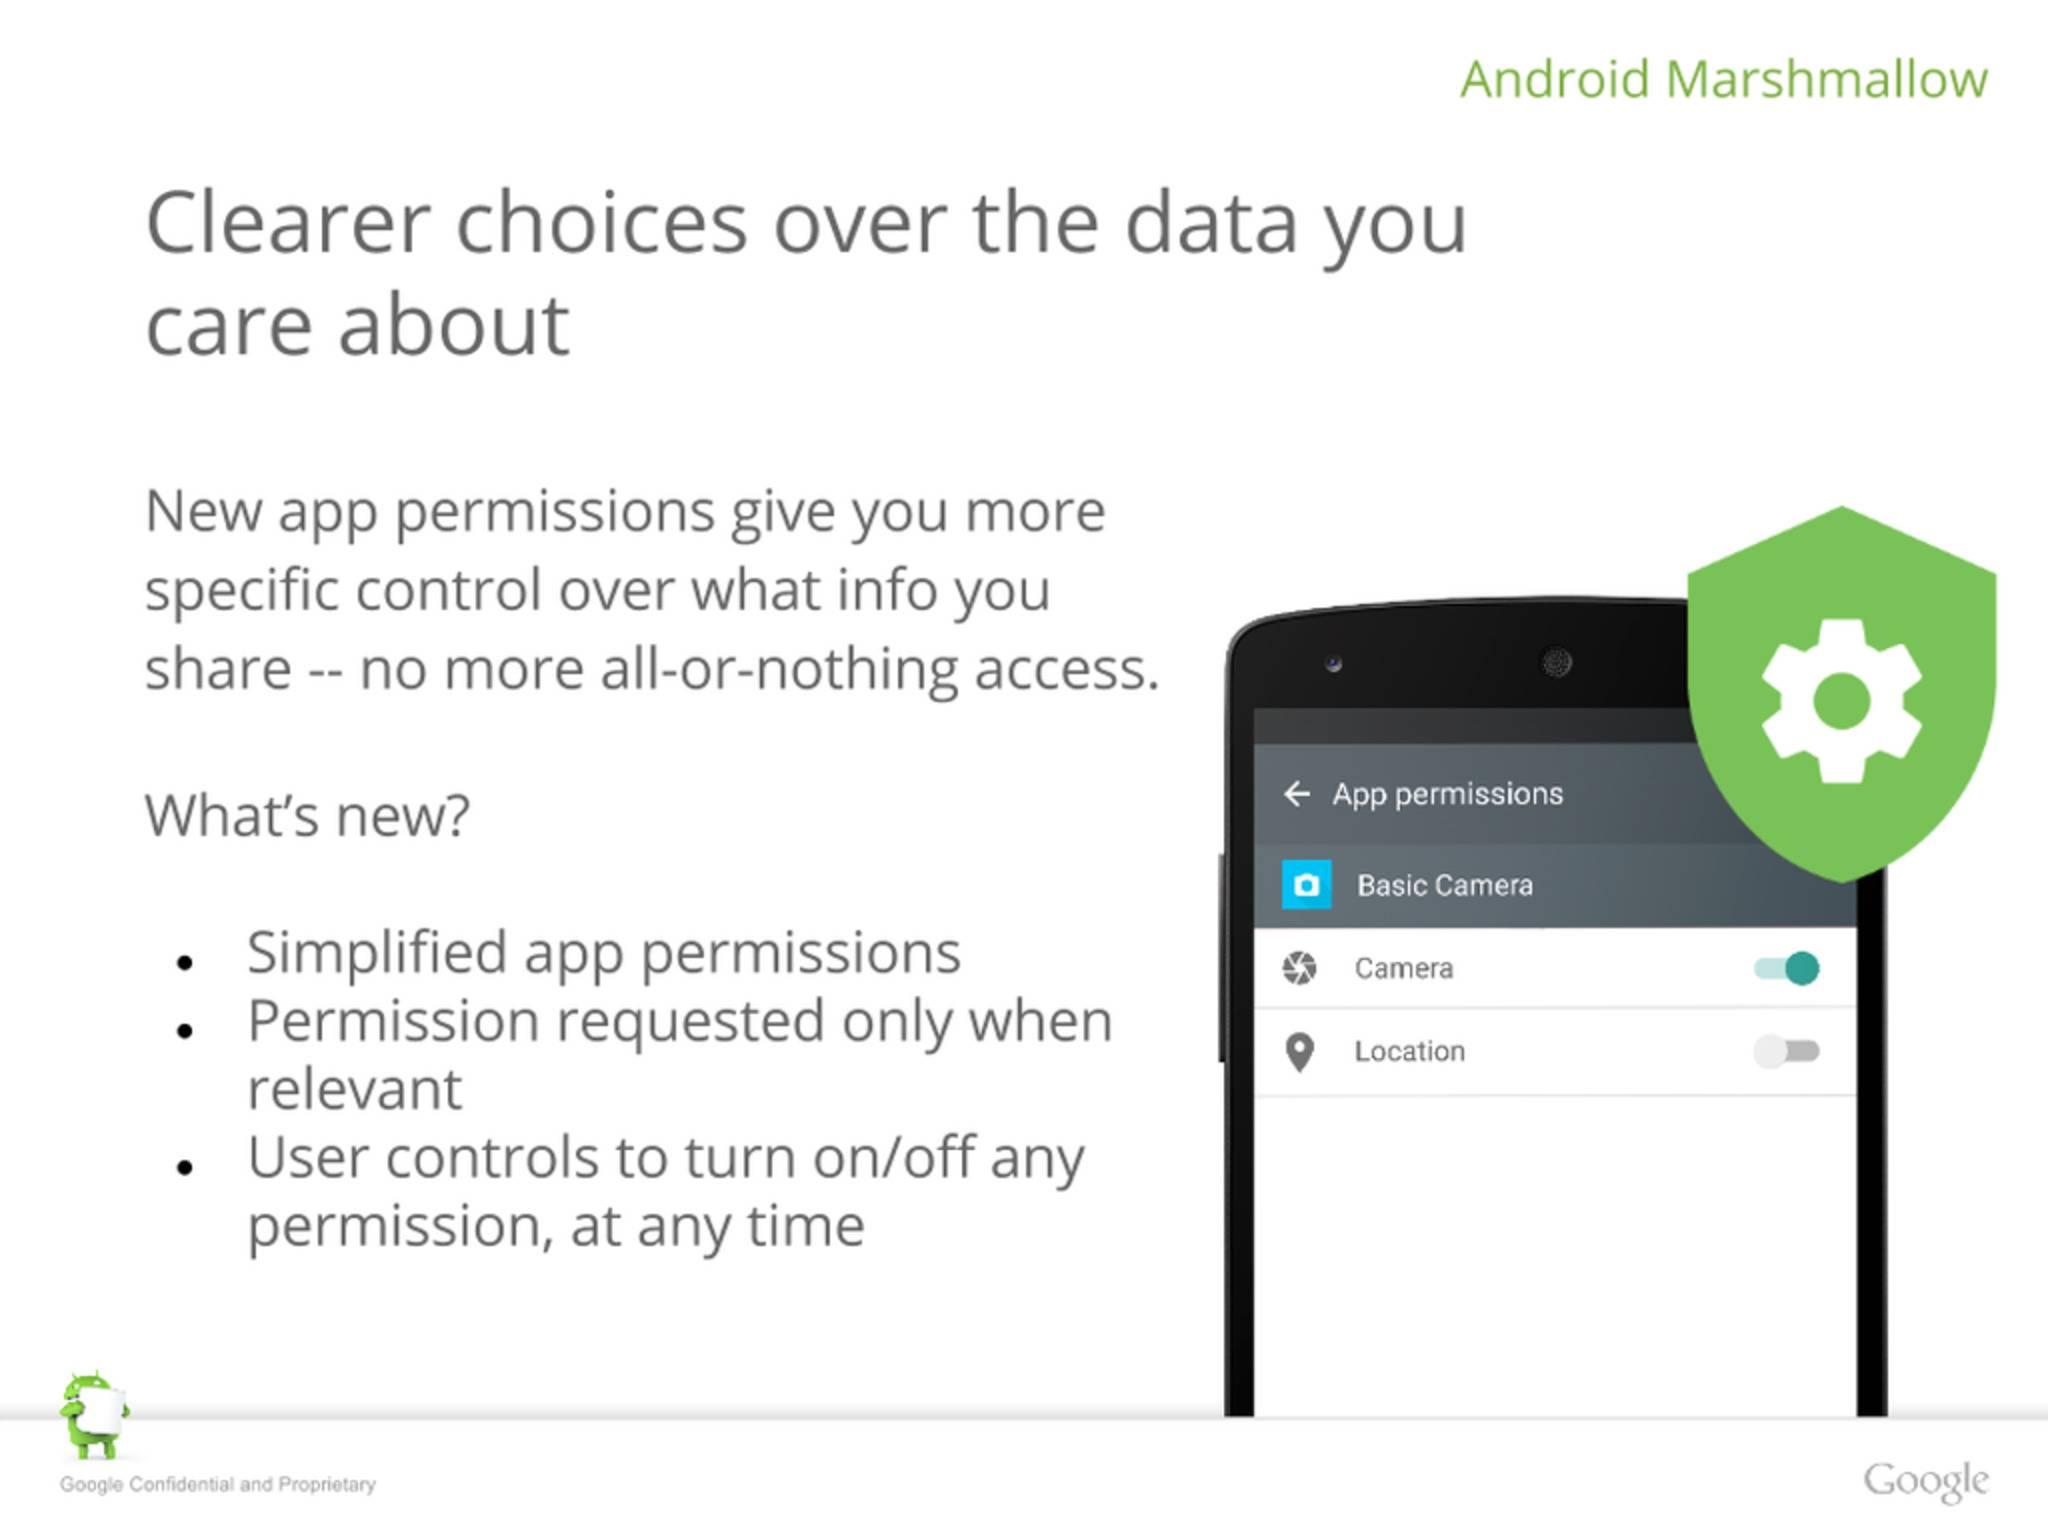 Eine vermeintliche Händlerpräsentation verrät quasi alles zum Nexus 6P.